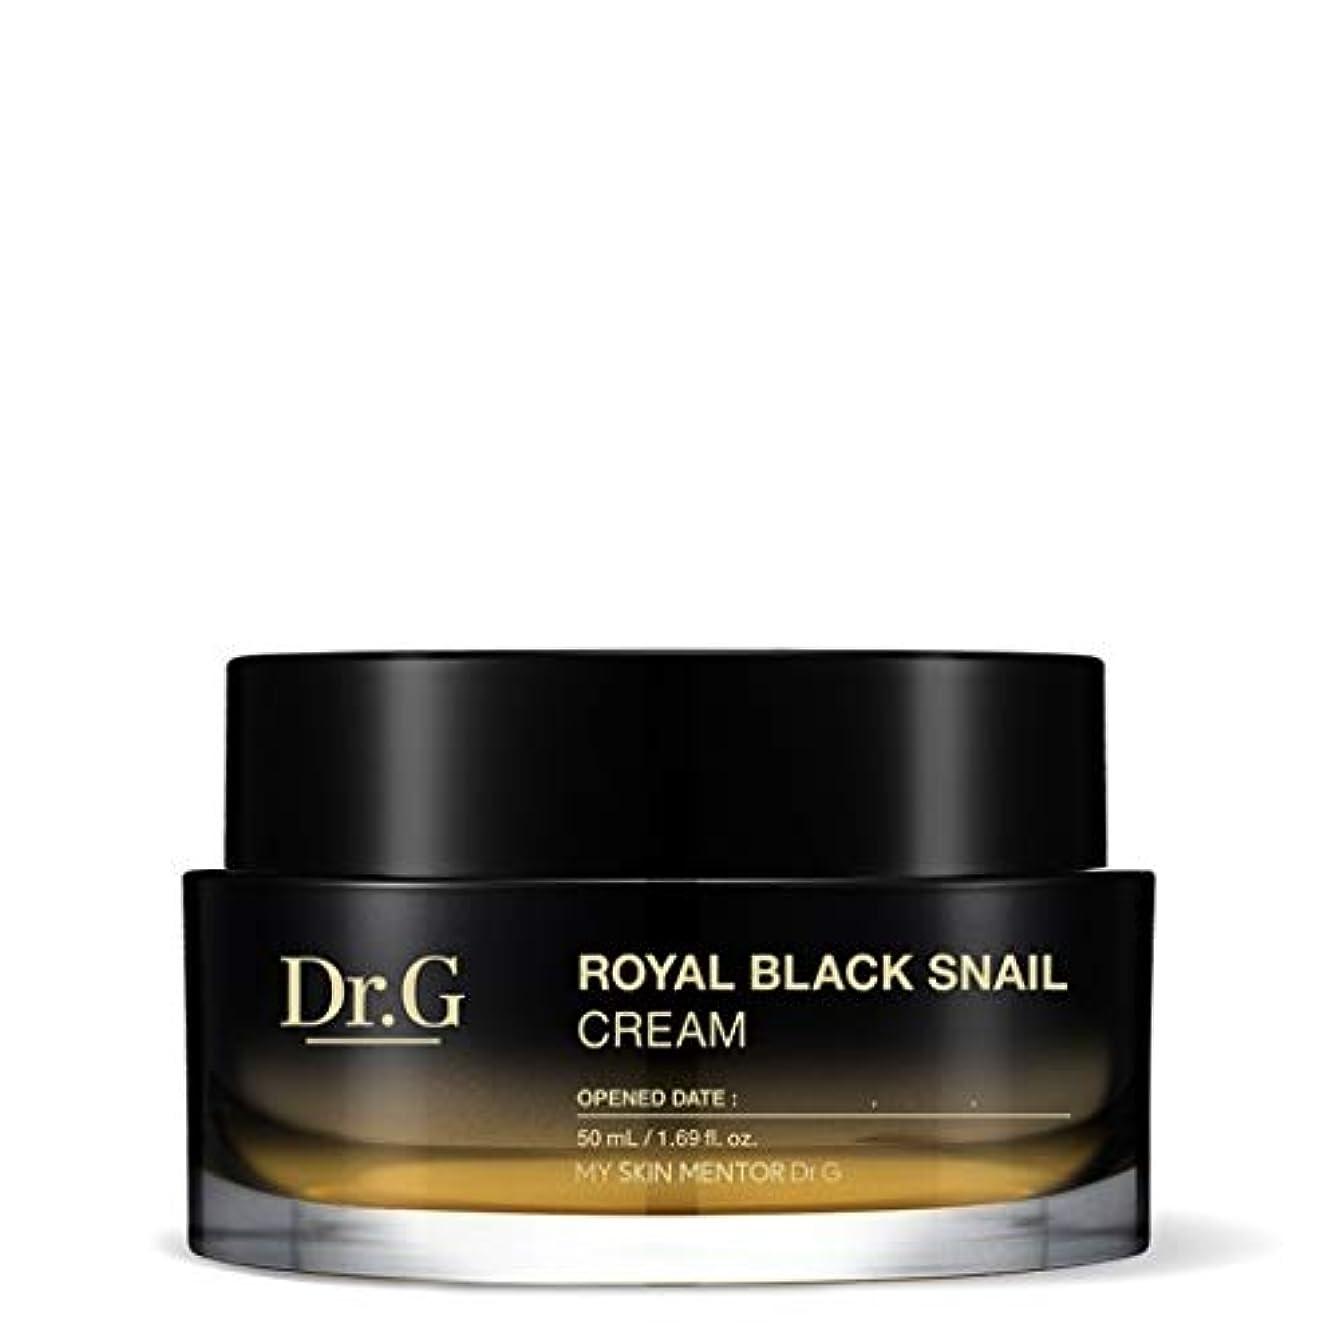 検出器エロチック浸透する[Dr.Gドクタージー] ロイヤルブラックスネイルクリーム 50ml / Royal Black Snail Cream